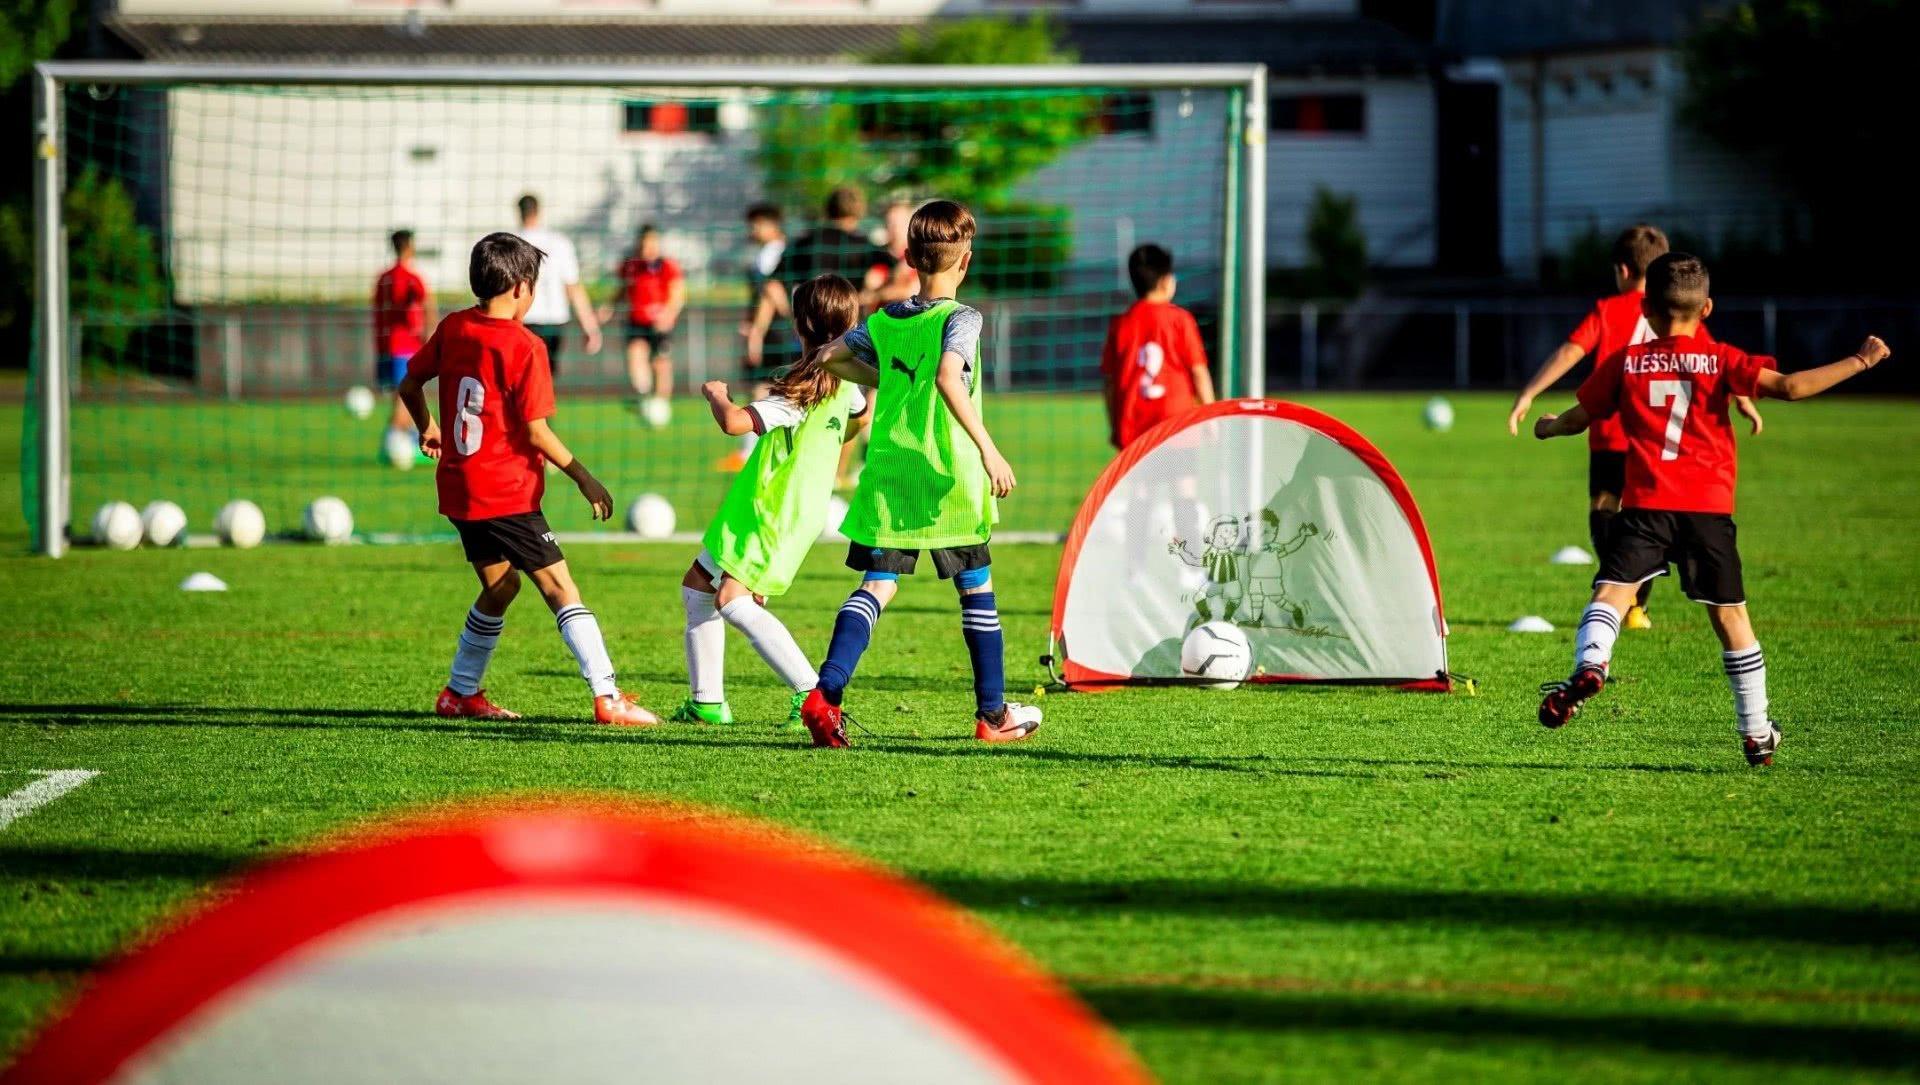 Des enfants jouent sur un petit terrain de football.